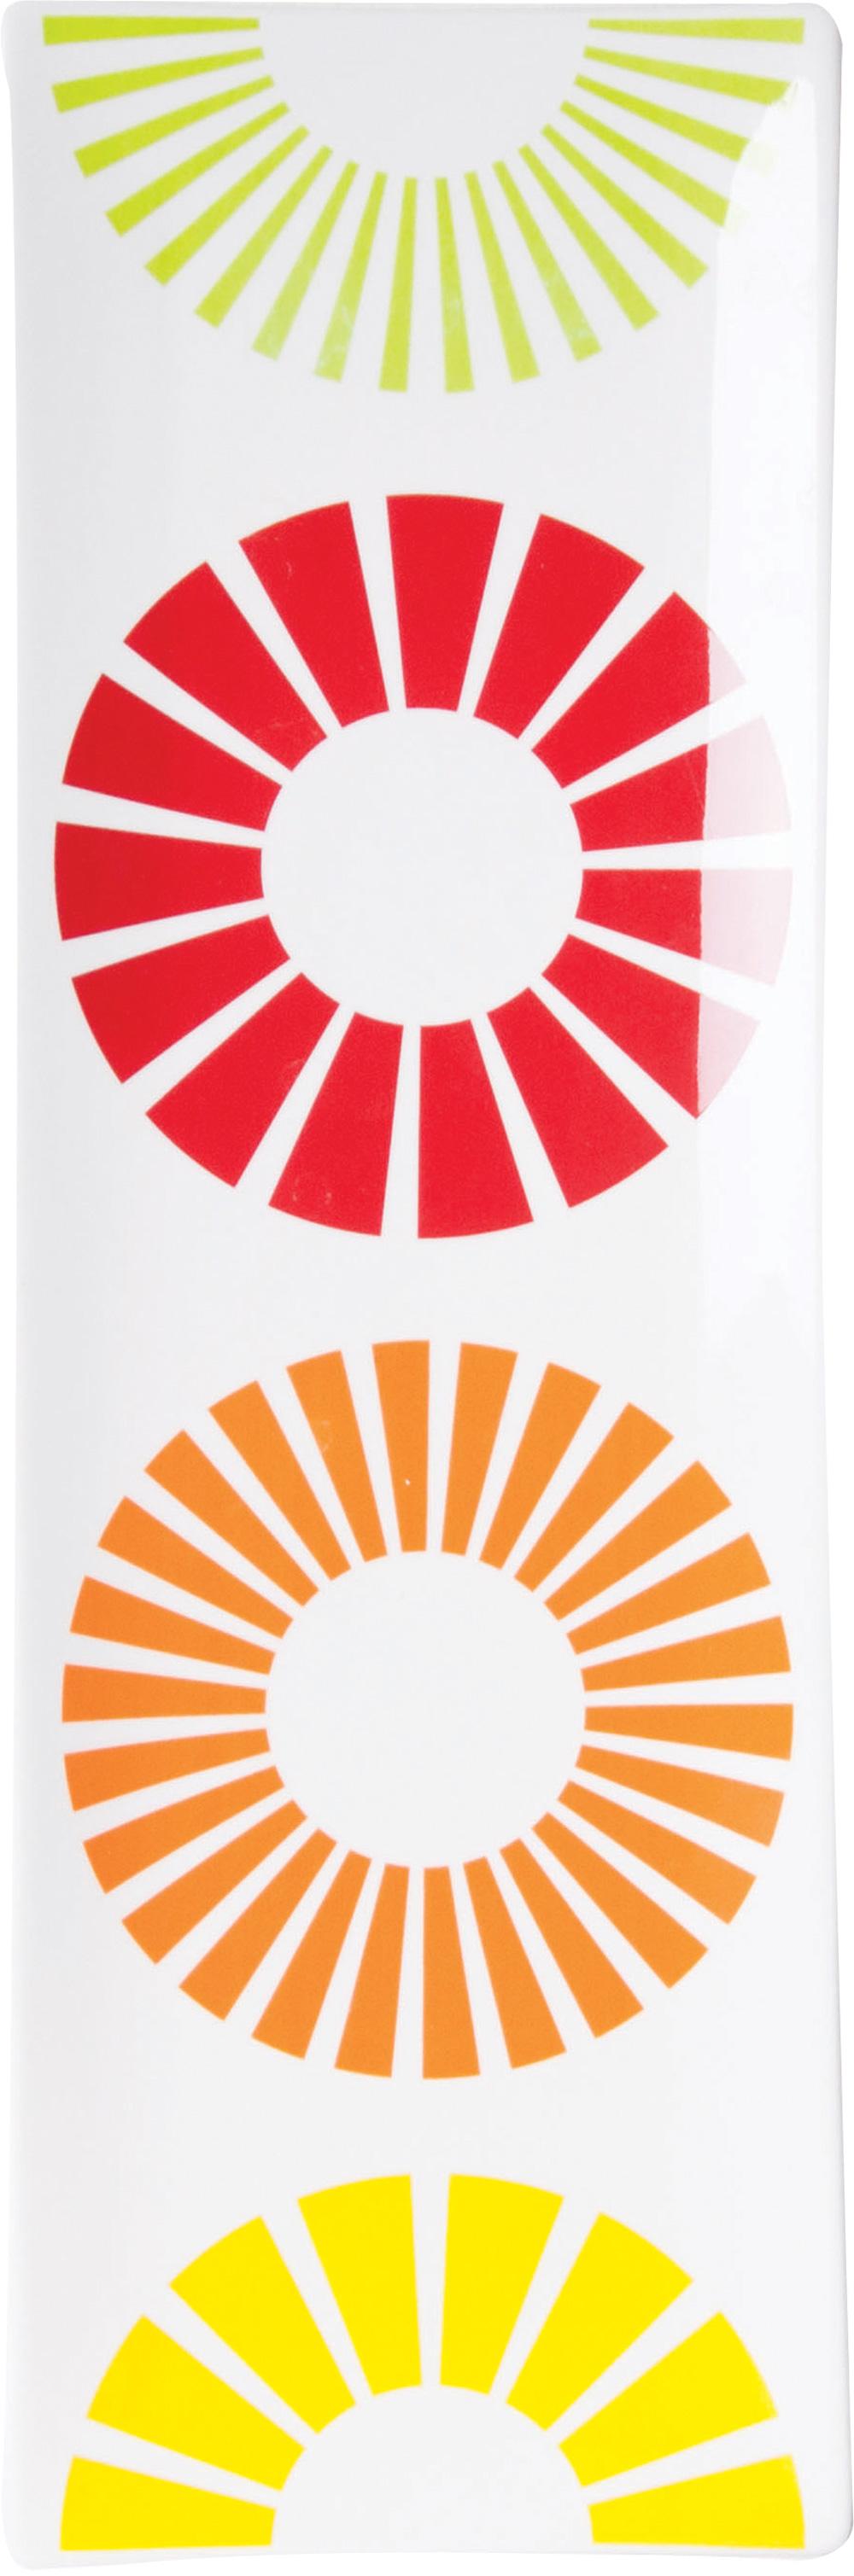 Πιατέλα Παραλληλόγραμμη Citrus S&P (Υλικό: Πορσελάνη) - Salt & Pepper - BAM39038